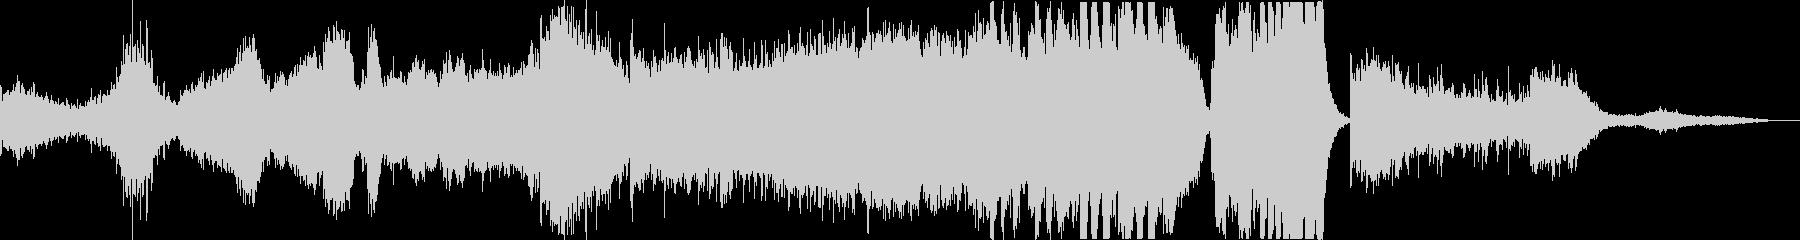 クライマックスを予感させる重厚な交響曲の未再生の波形